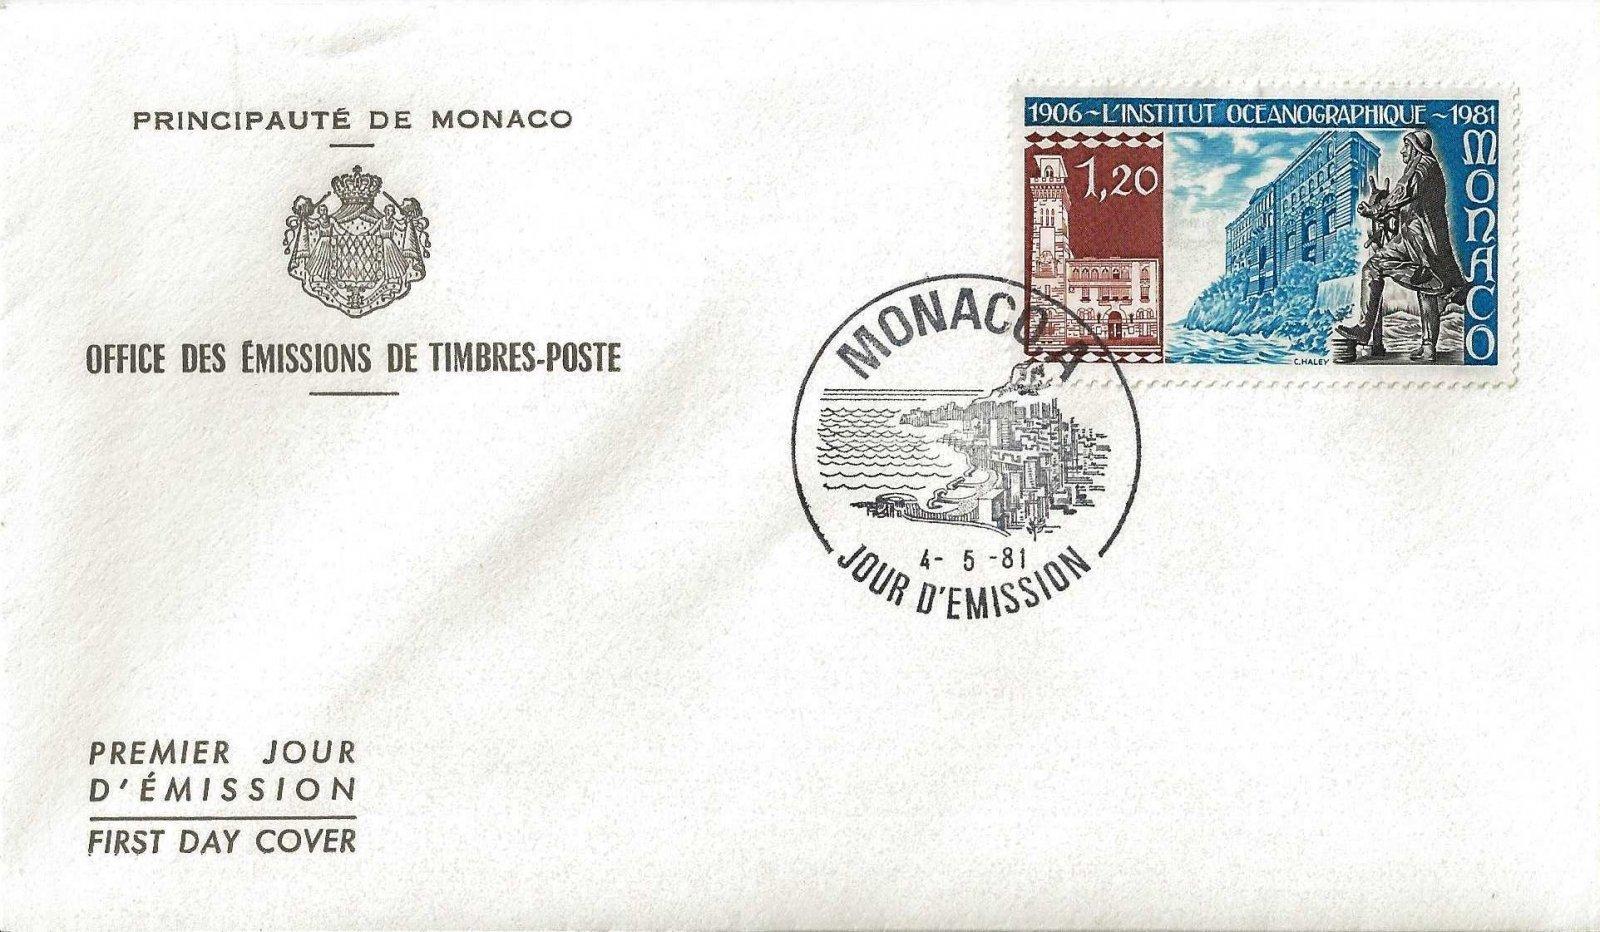 1981 institut oceanographique monaco